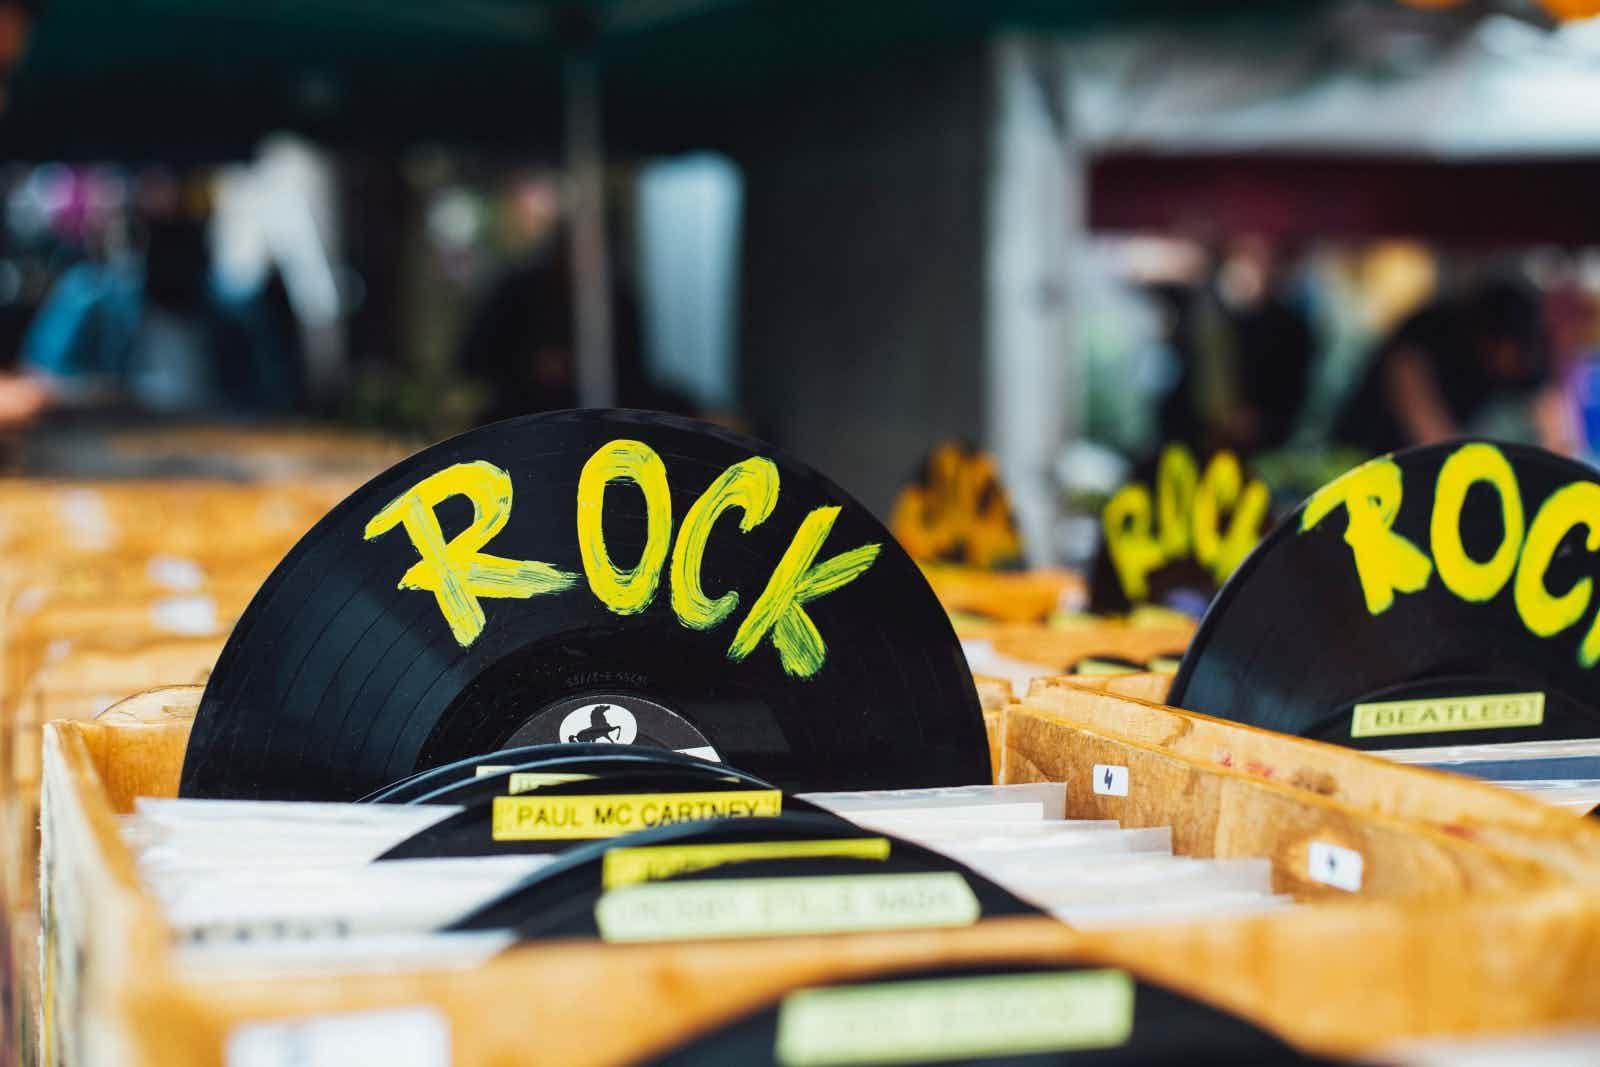 rockenrollfoto.jpg